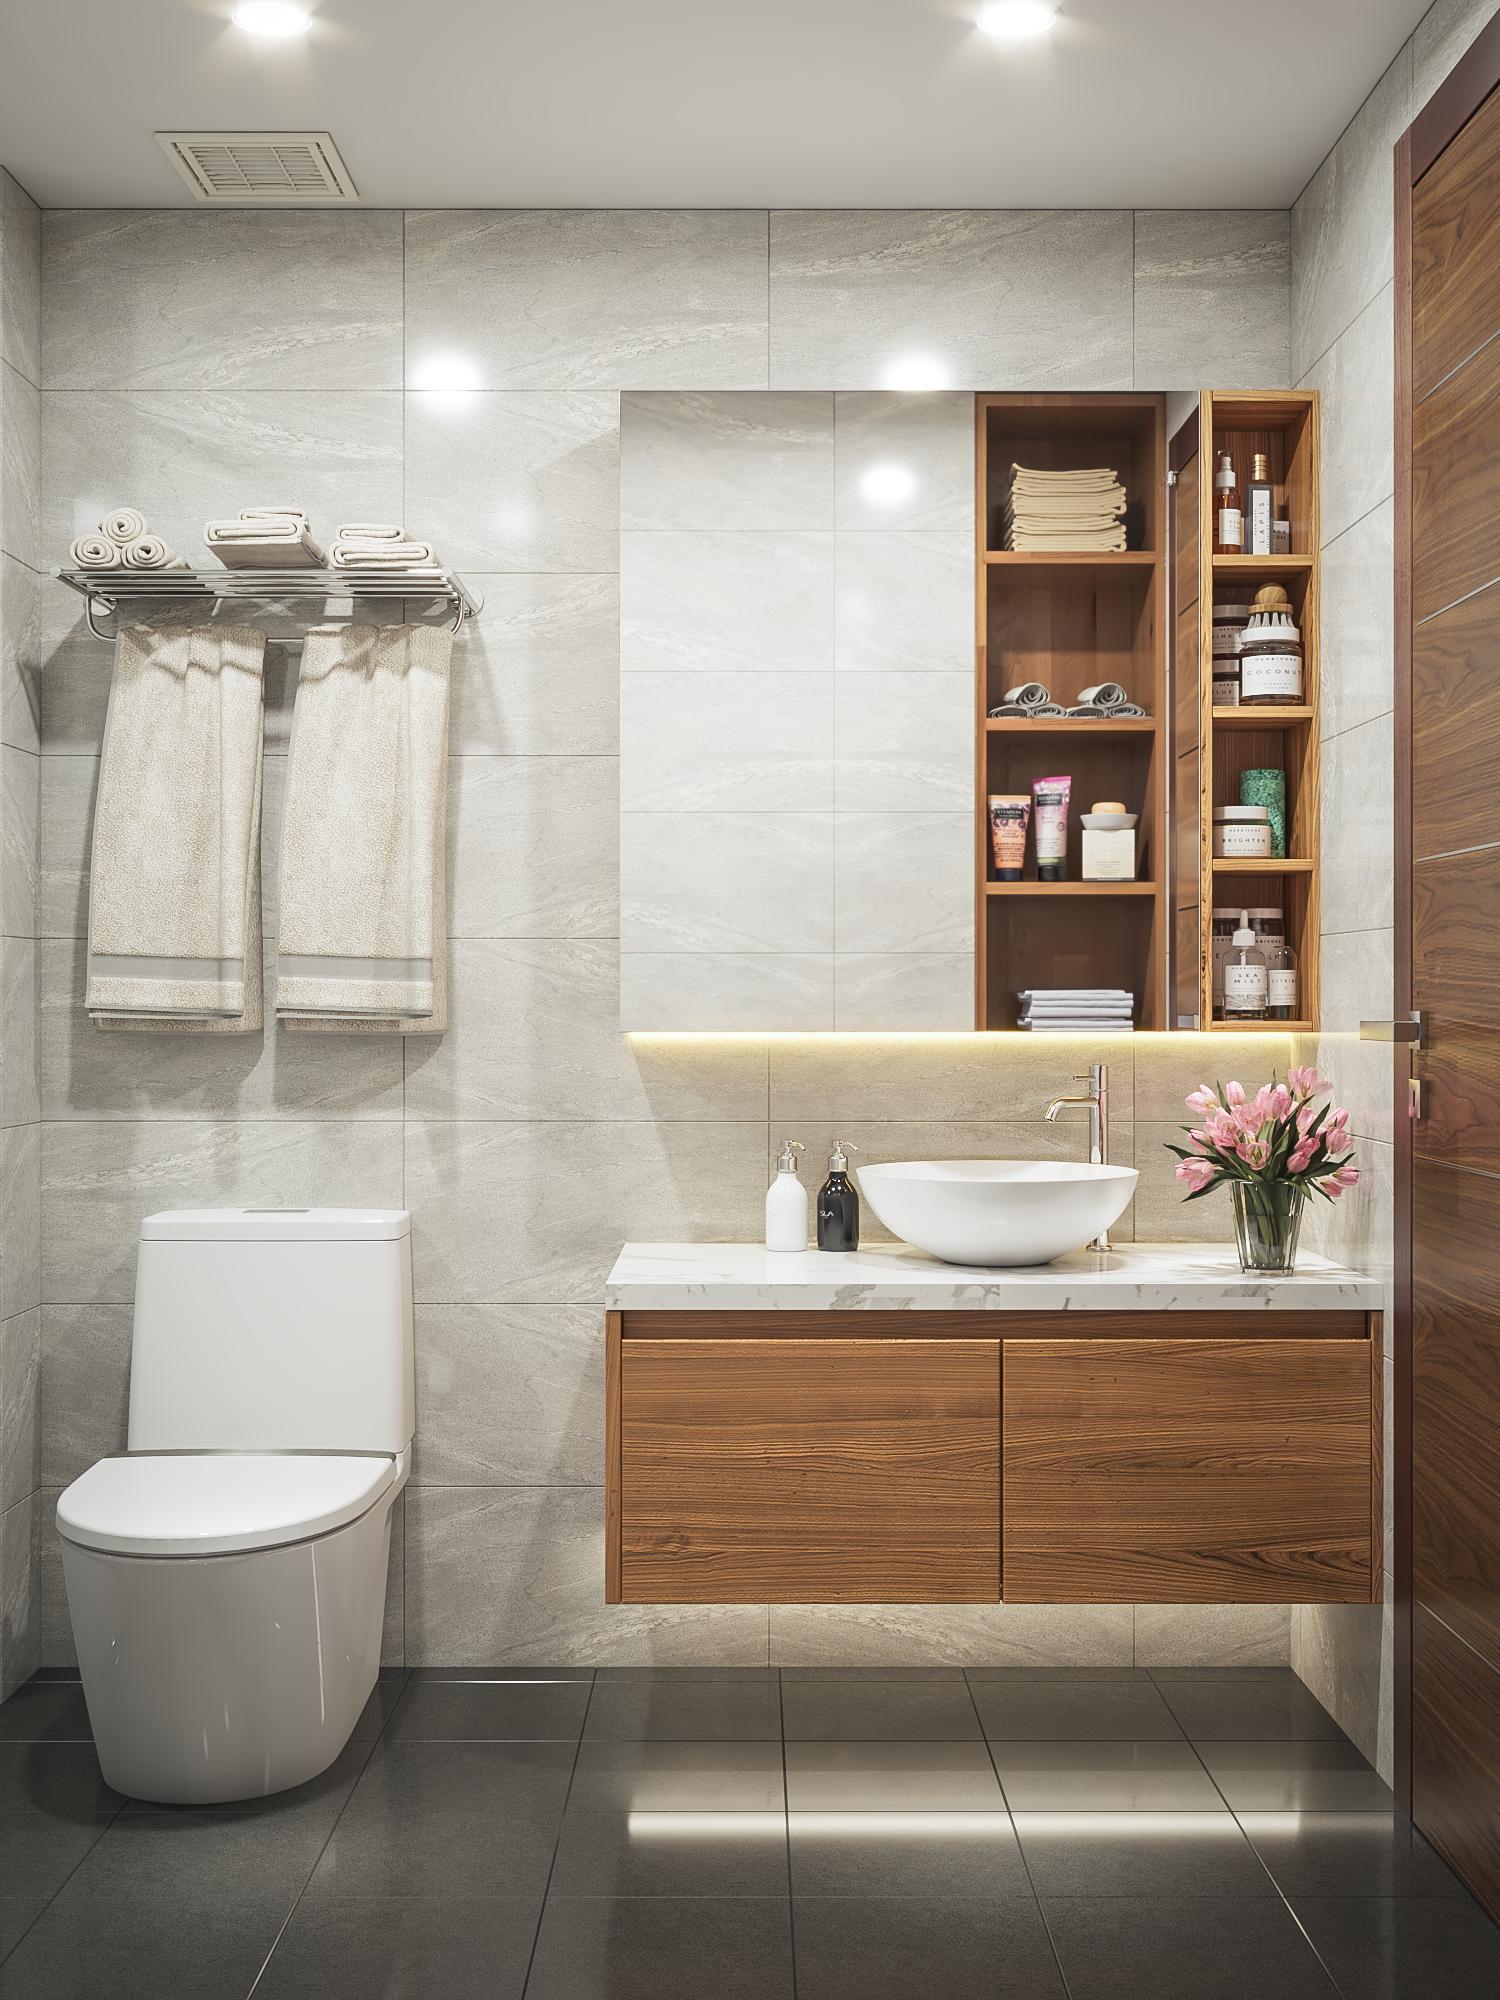 Phòng tắm căn hộ mẫu số 10 Dự án Phú Thịnh Green Park HTV complex